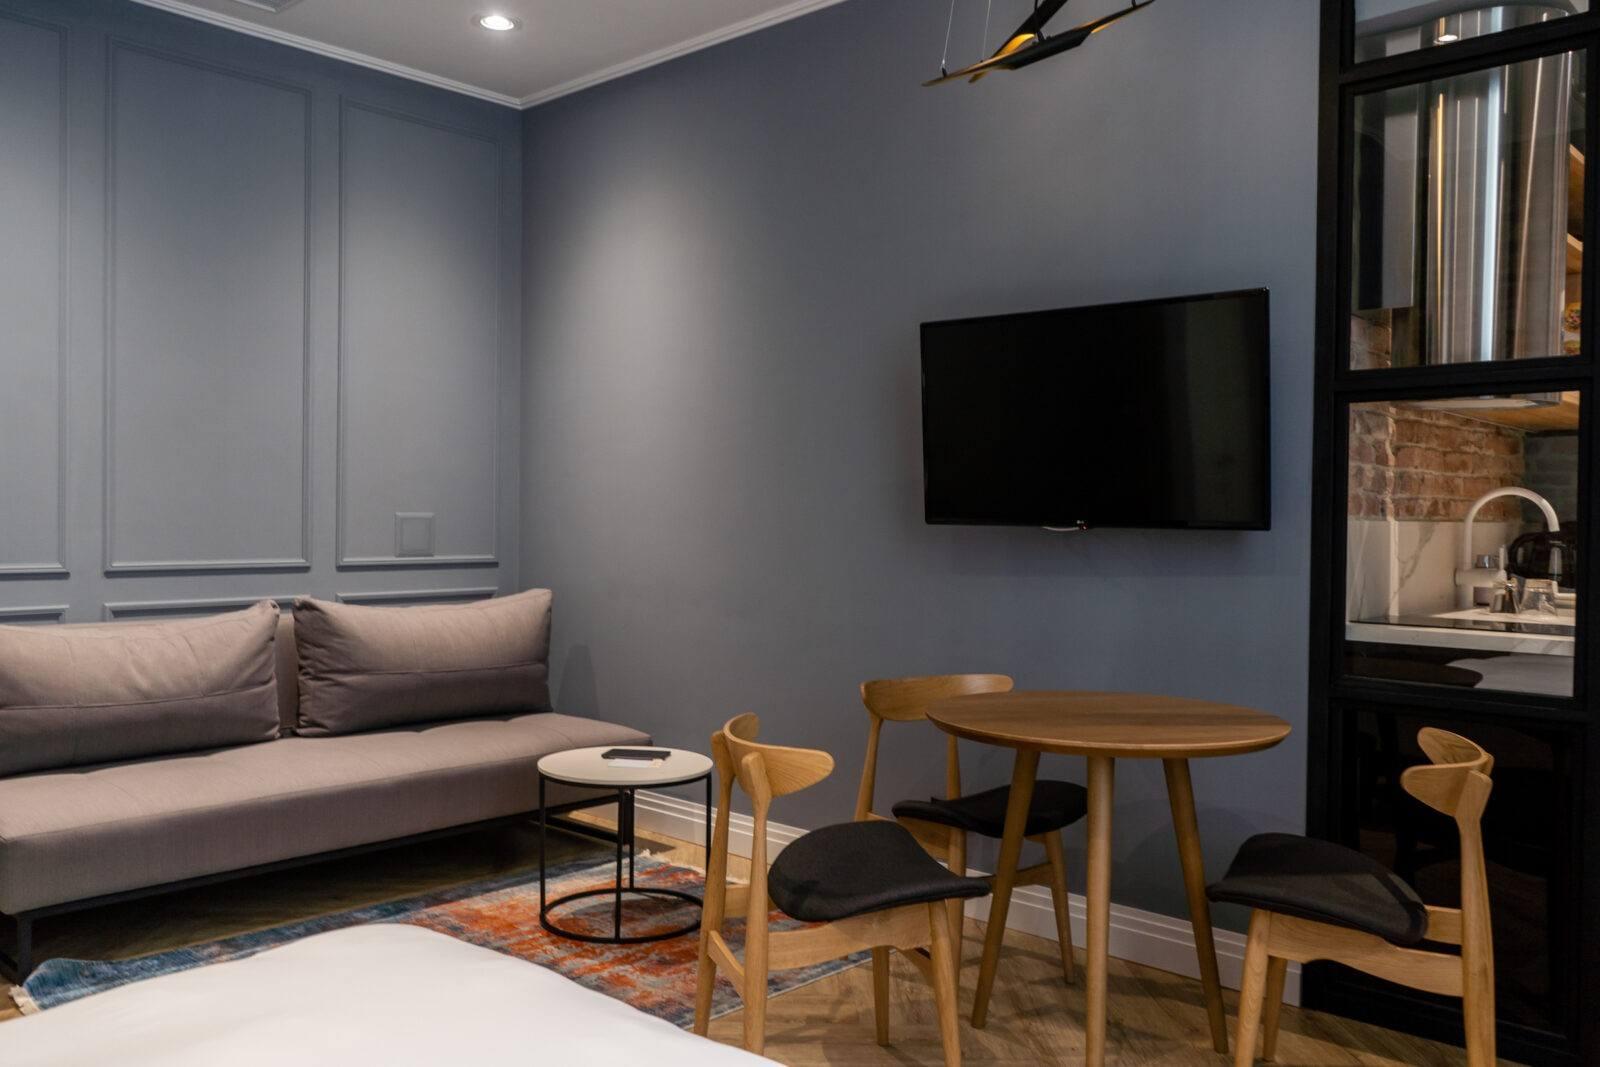 Superior Room (29-38 sq m)